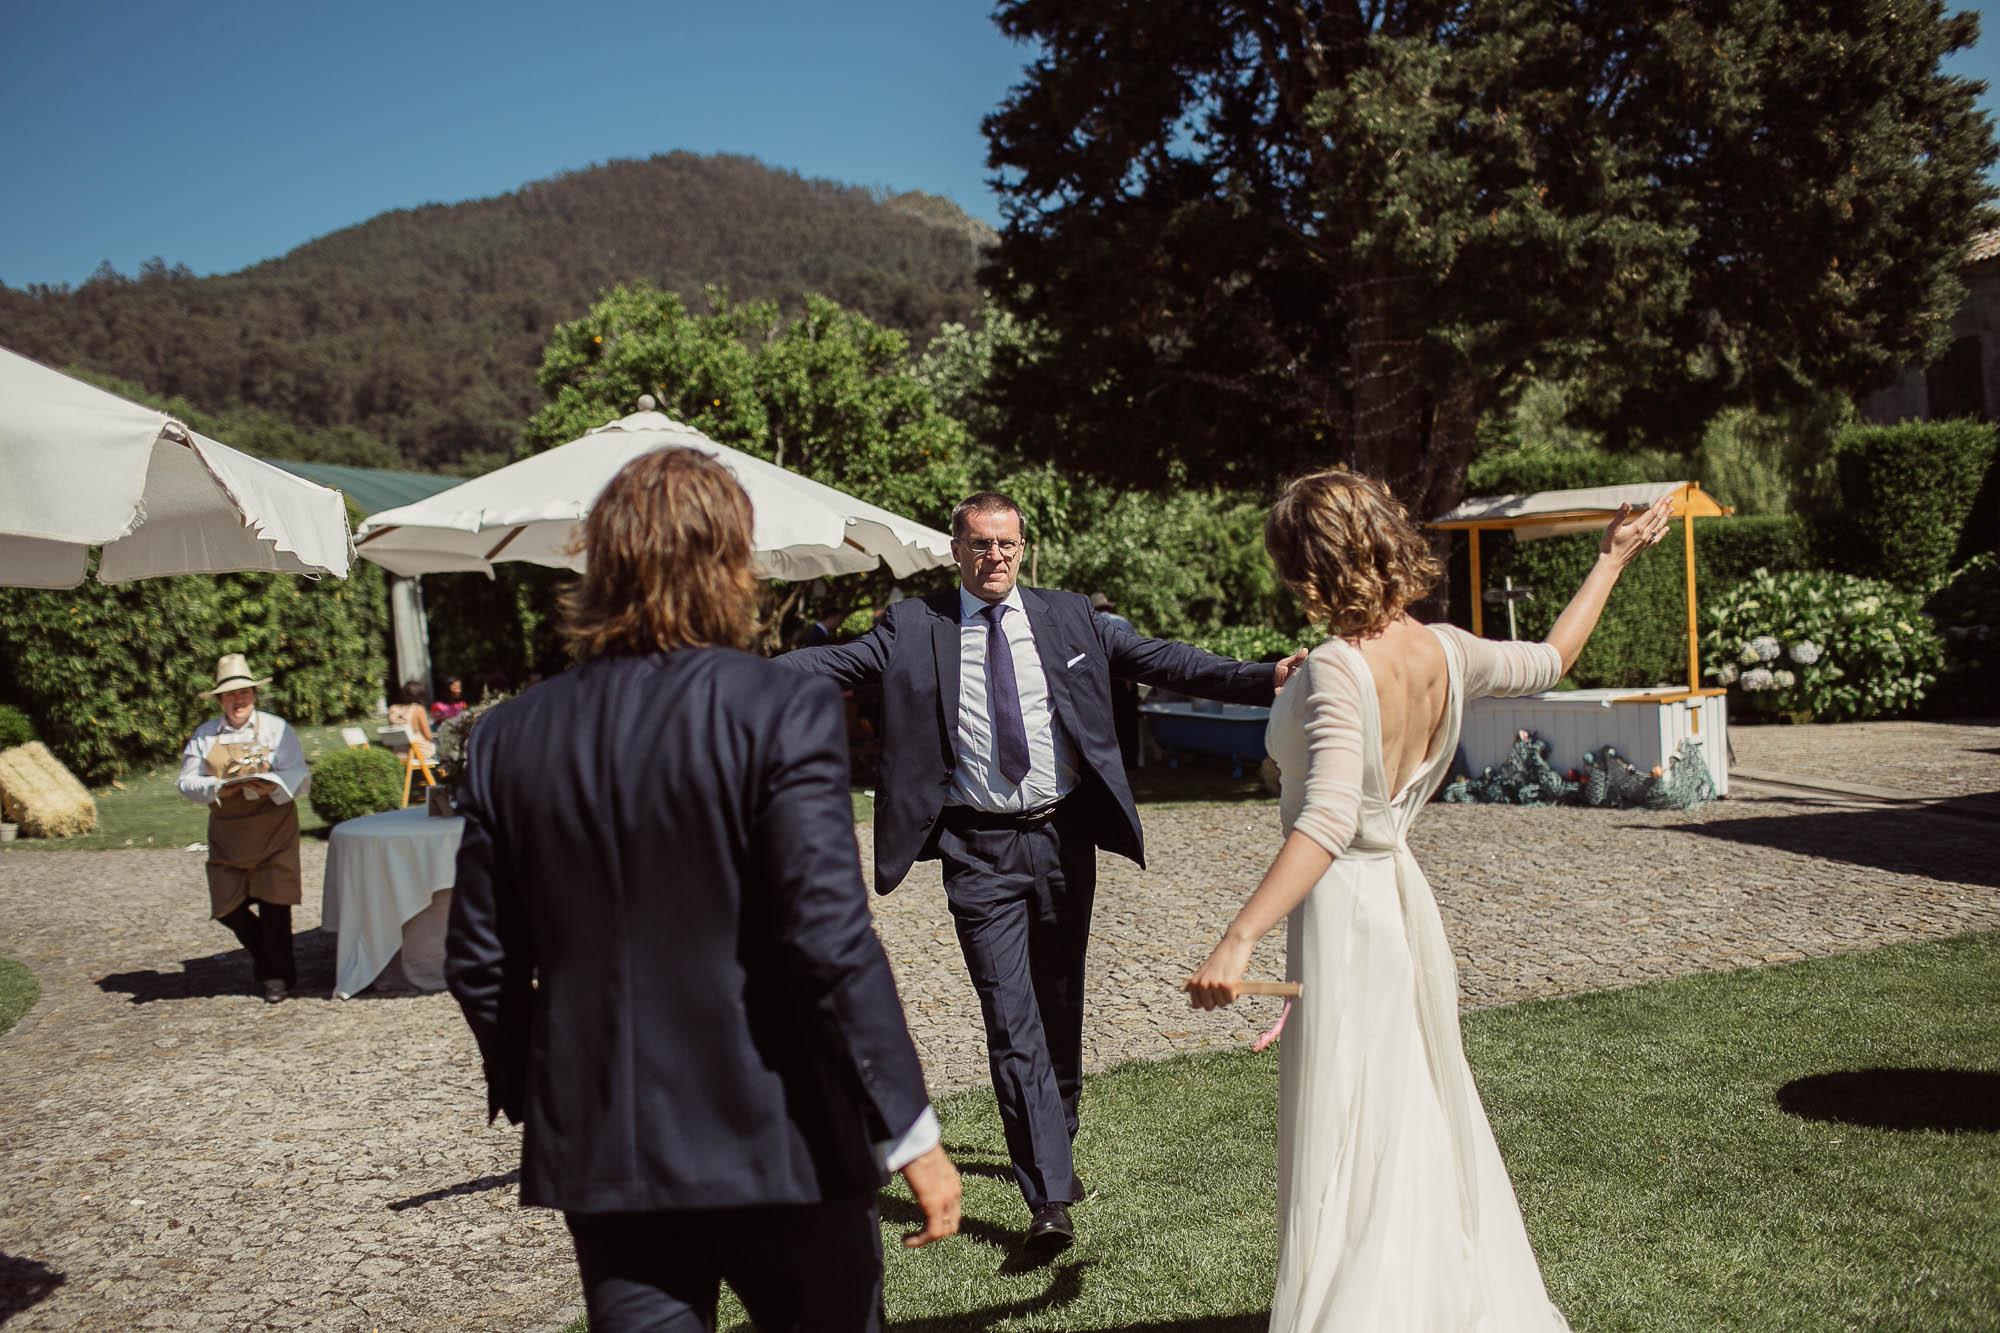 Marido y mujer van corriendo a saludar a un amigo que les recibe con los brazos abiertos